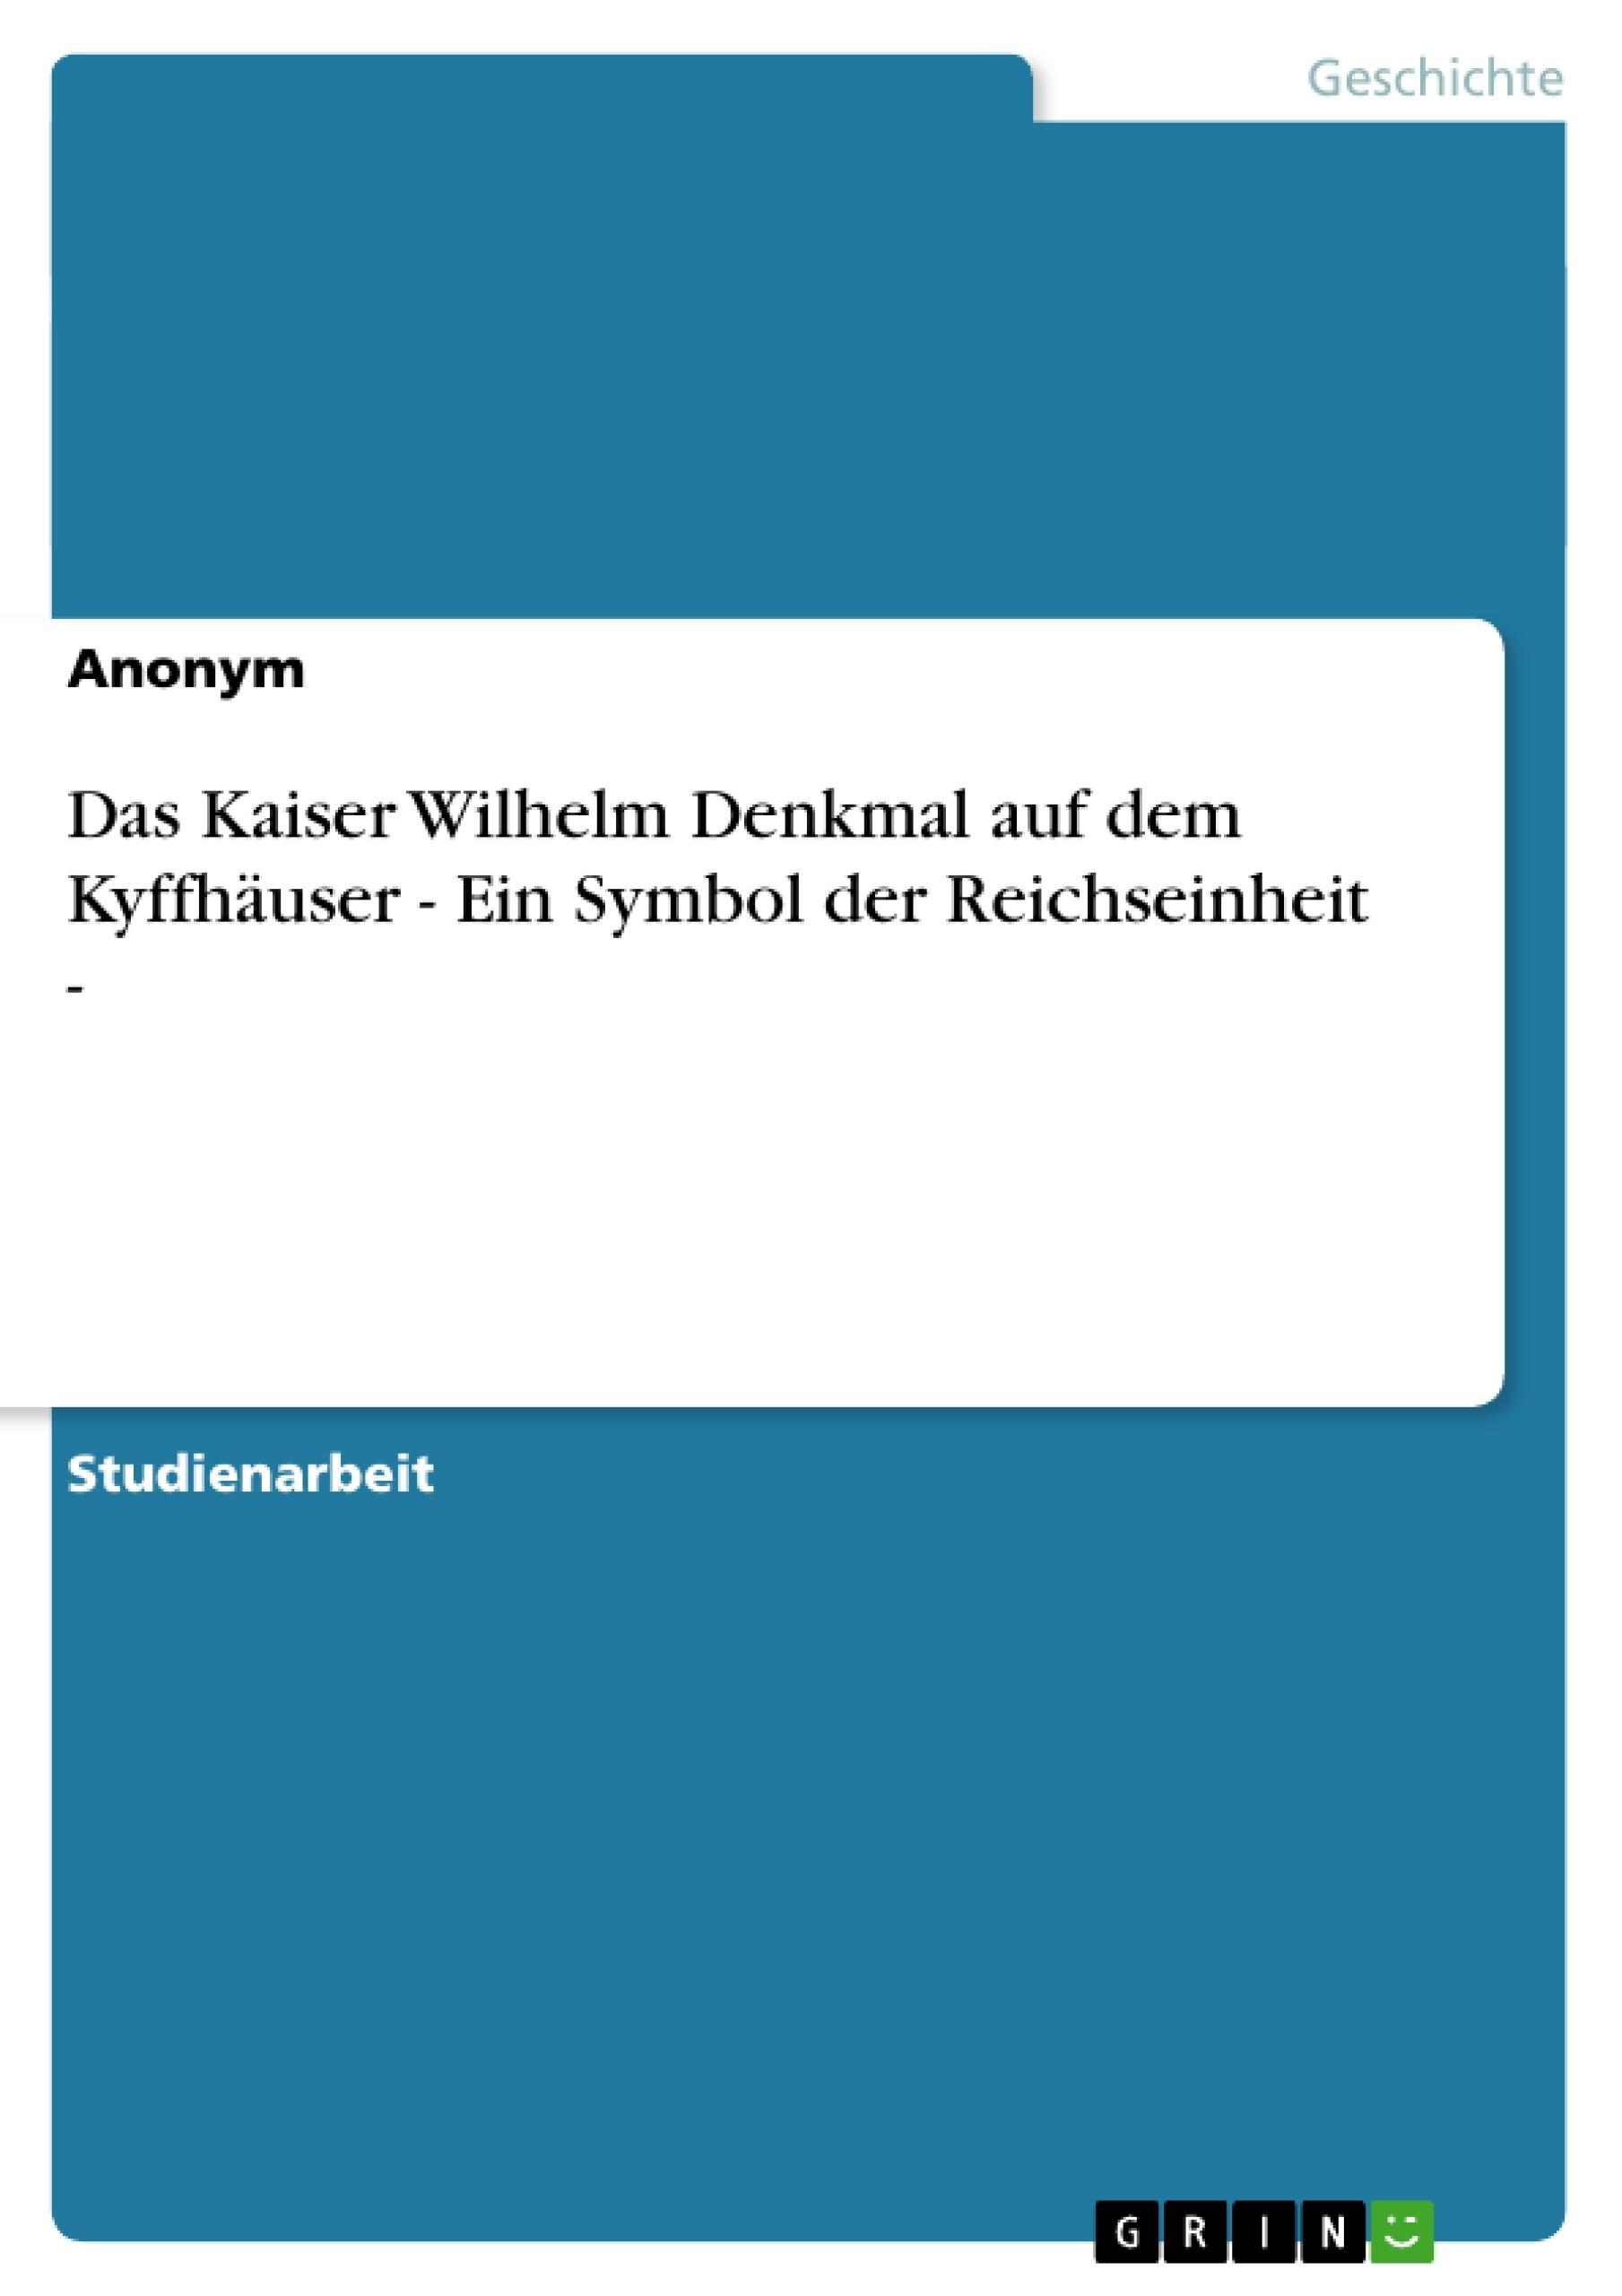 Titel: Das Kaiser Wilhelm Denkmal auf dem Kyffhäuser - Ein Symbol der Reichseinheit -